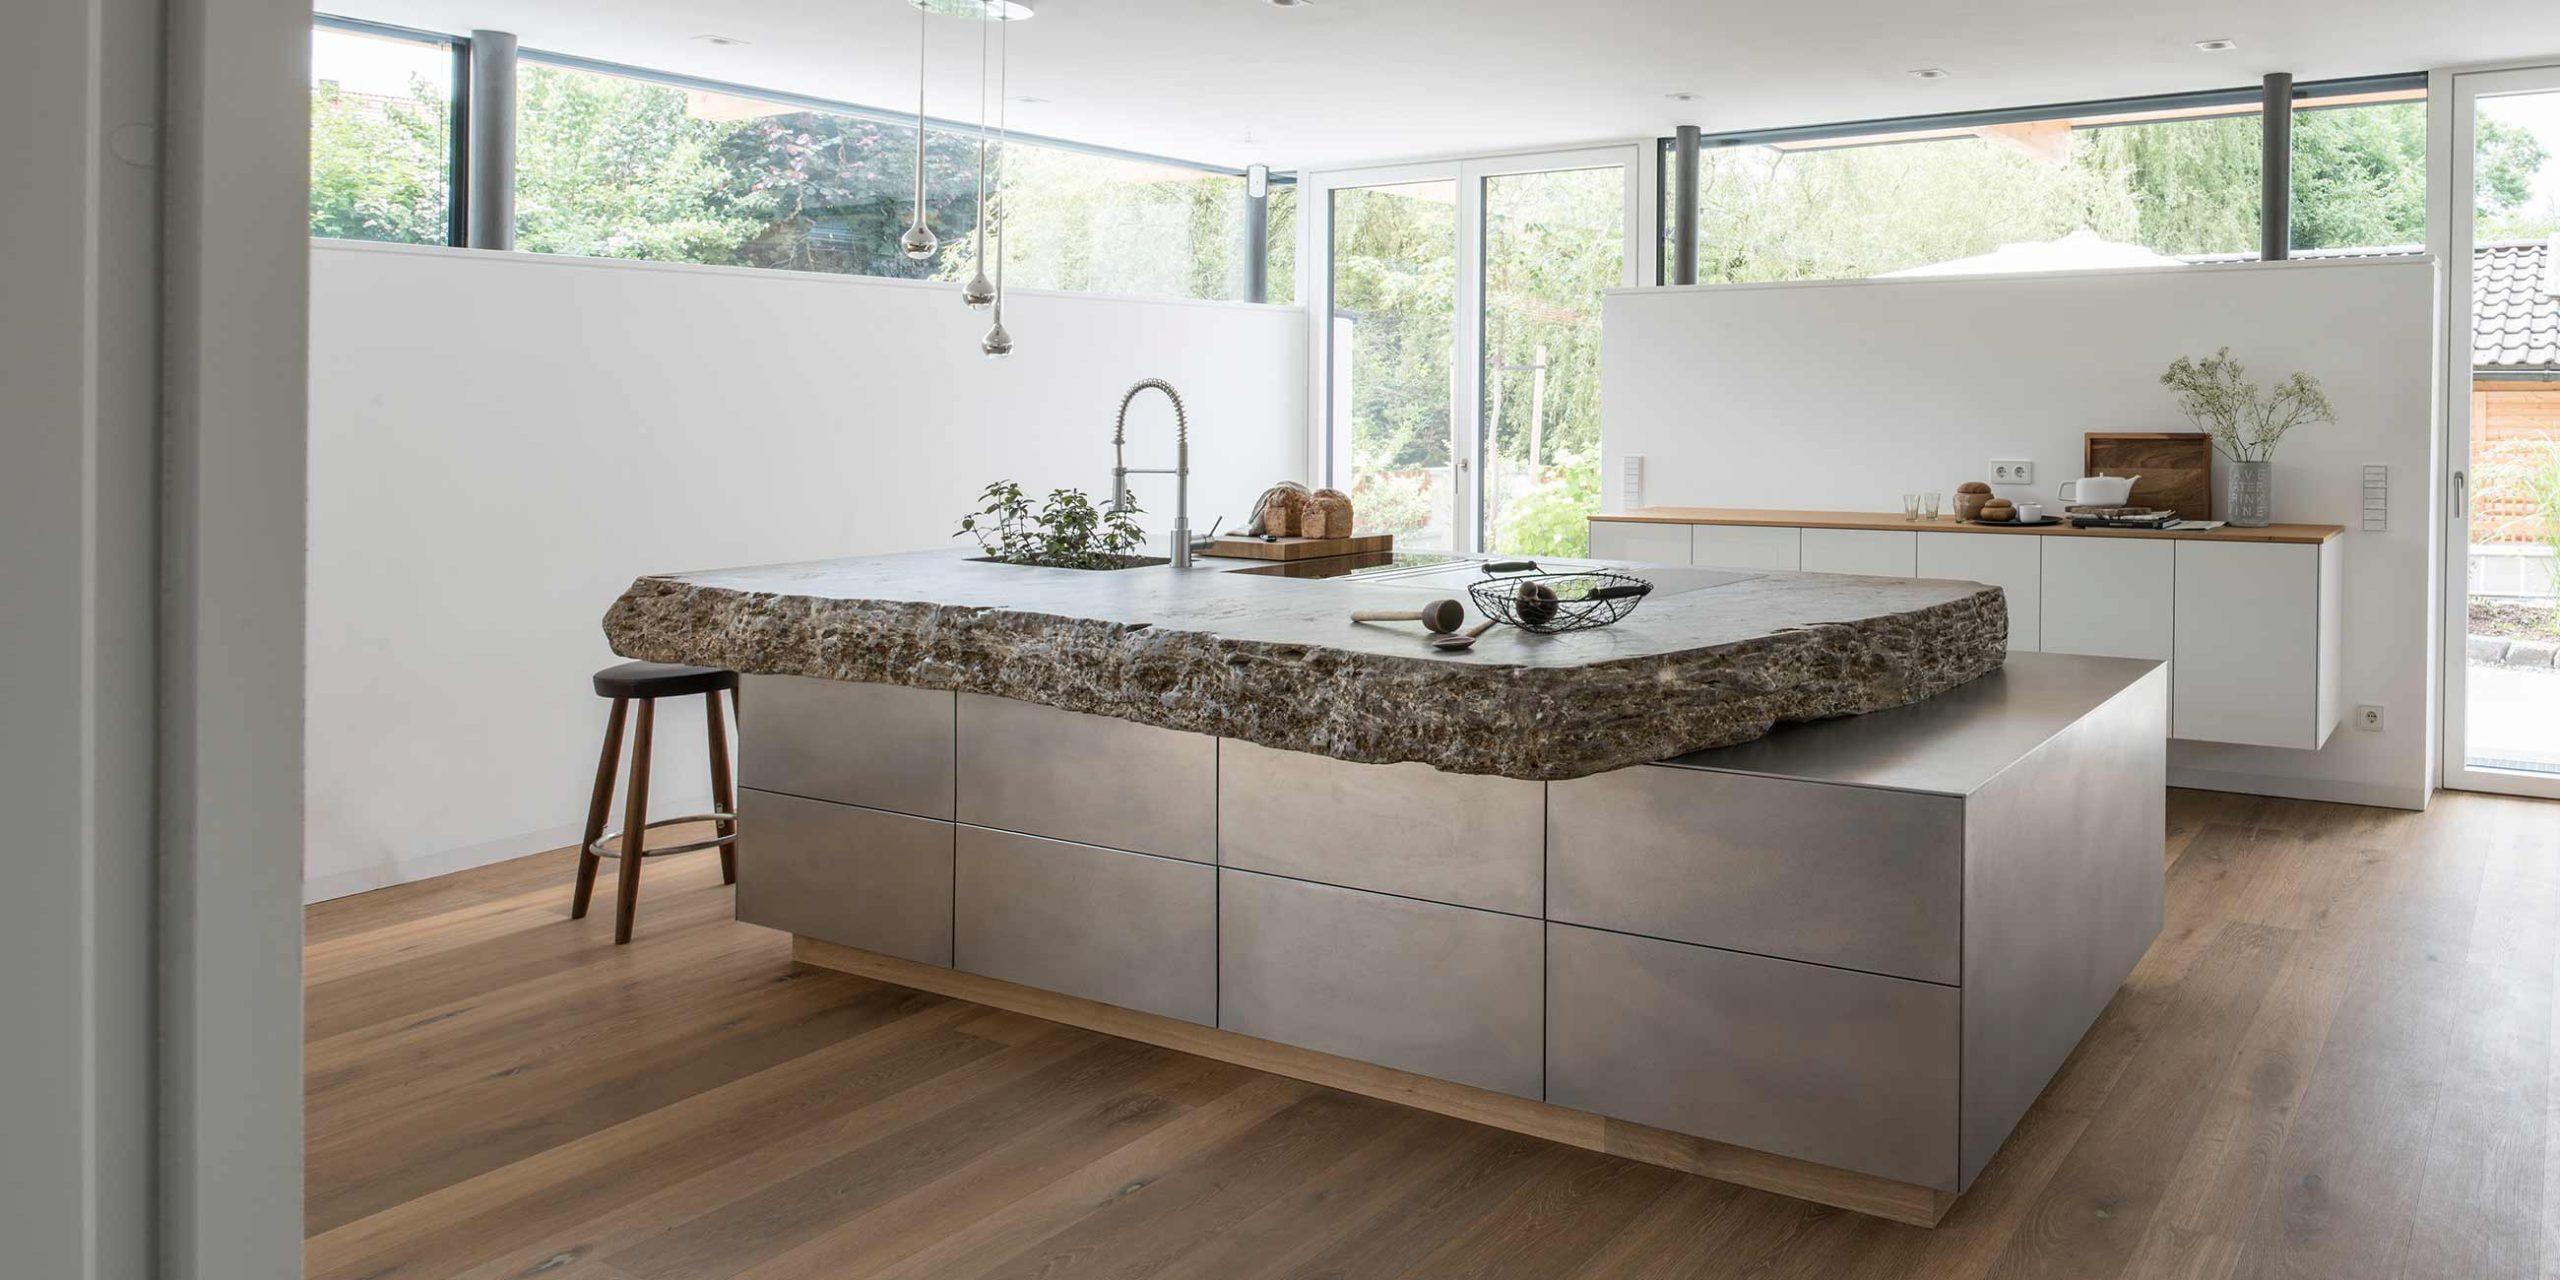 Full Size of Kche Aus Stein Und Stahl Werkhaus Kchen Designkchen Küchen Regal Wohnzimmer Küchen